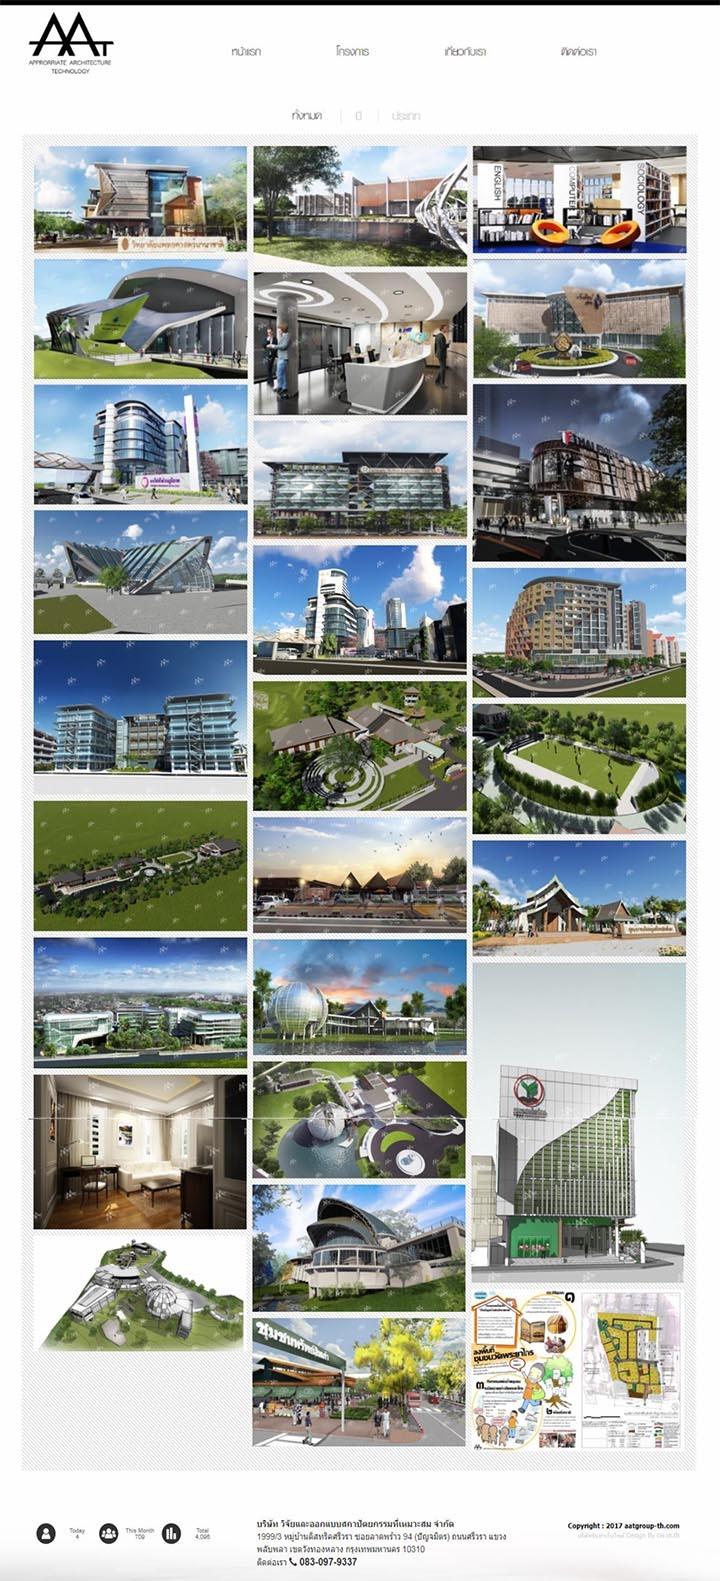 ออกแบบเว็บไซต์ตกแต่งภายใน สร้างบ้าน รับเหมาก่อสร้าง